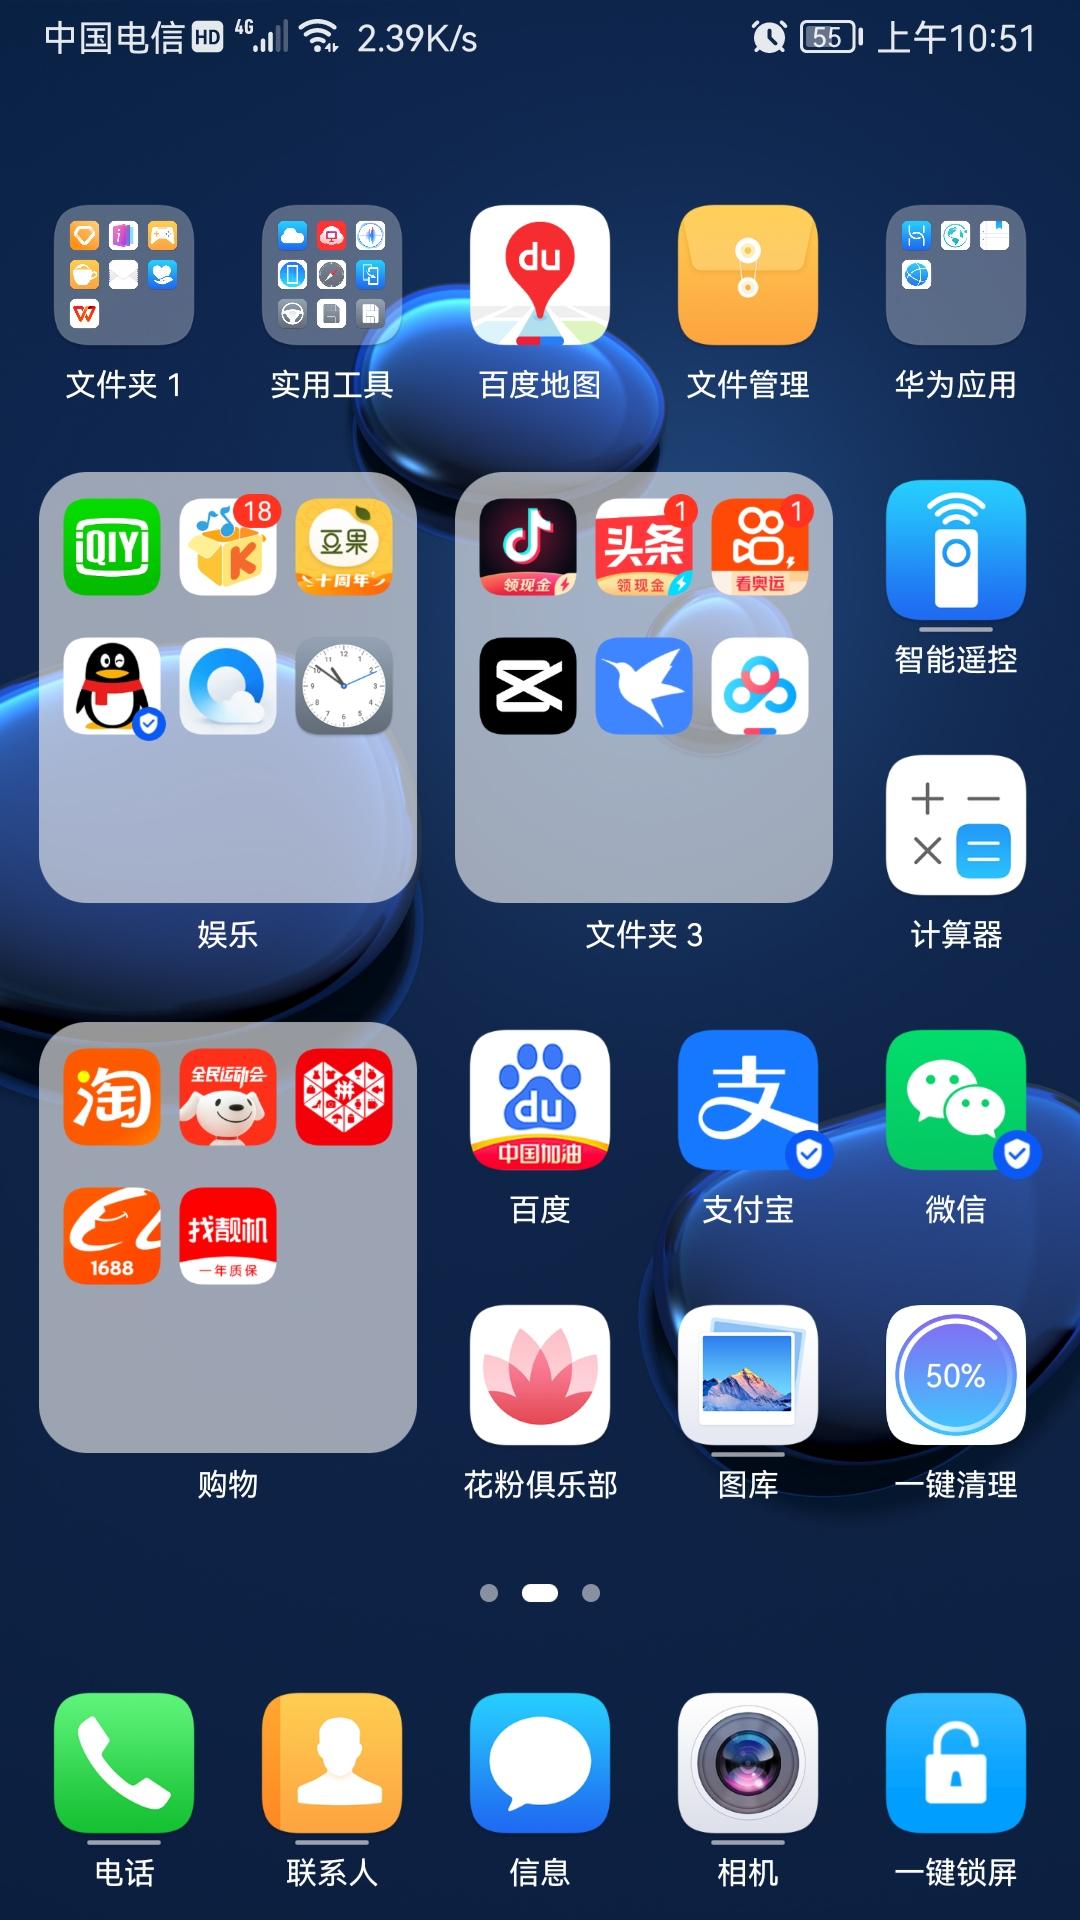 Screenshot_20210812_105112_com.huawei.android.launcher.jpg